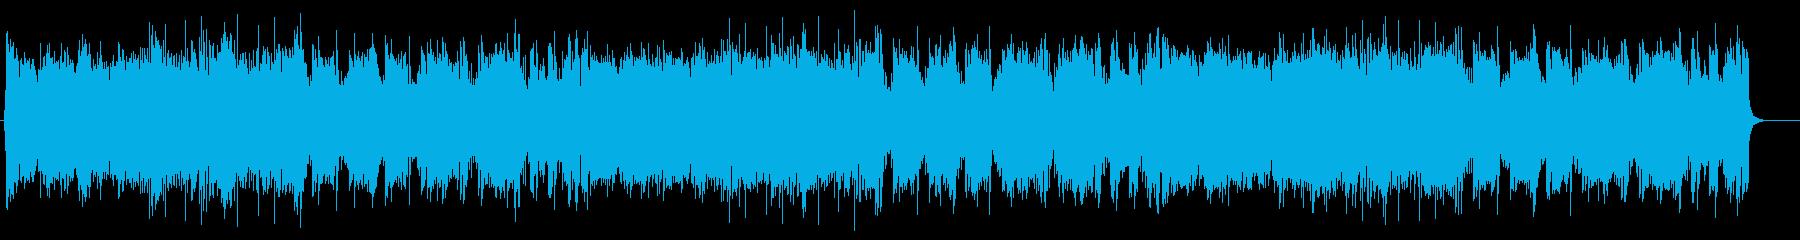 爽快なサウンドのミディアムポップスの再生済みの波形